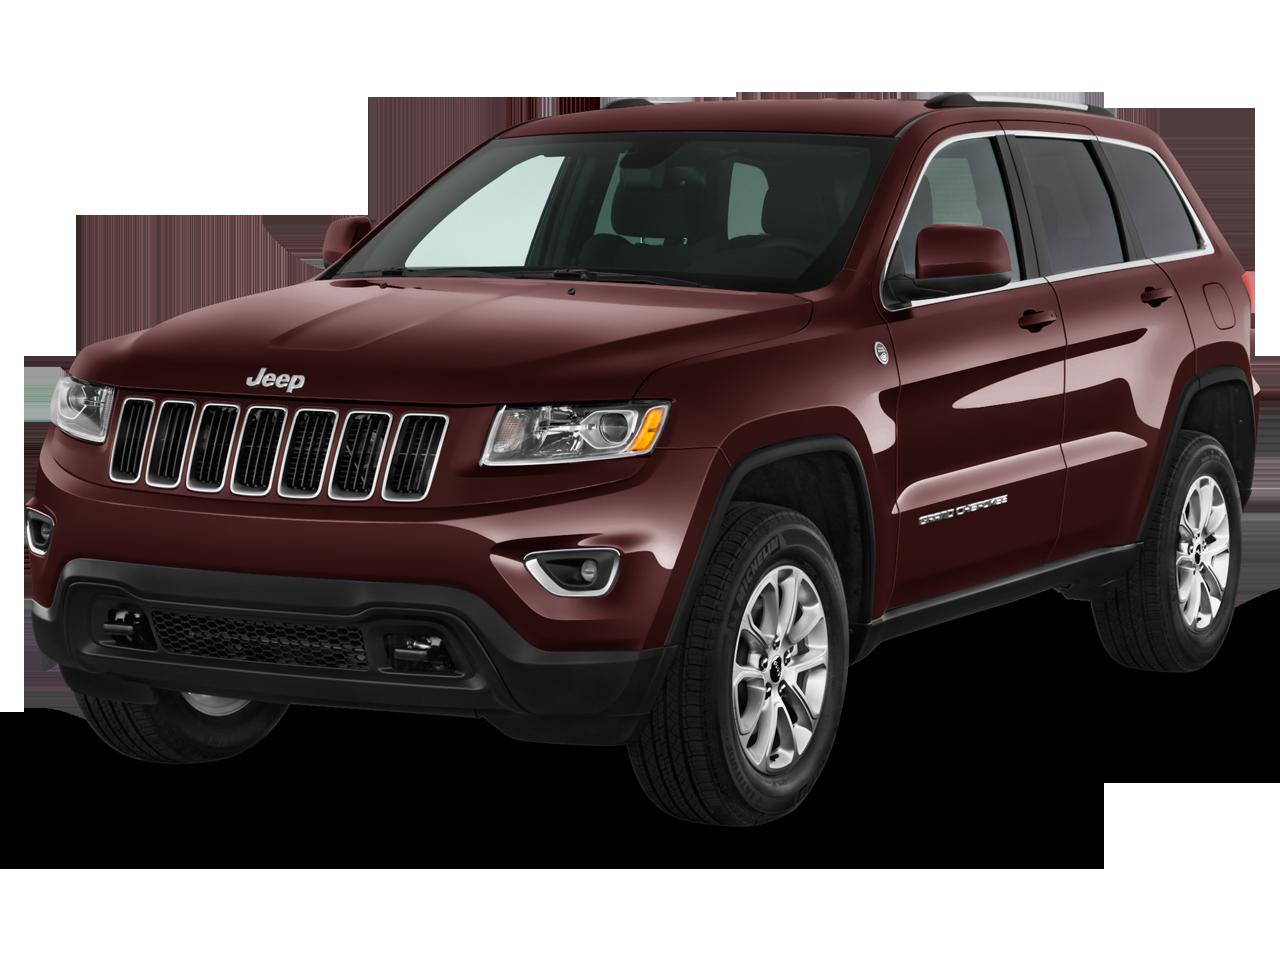 chrysler dodge jeep ram dealer incentives hayes chrysler dodge jeep. Black Bedroom Furniture Sets. Home Design Ideas